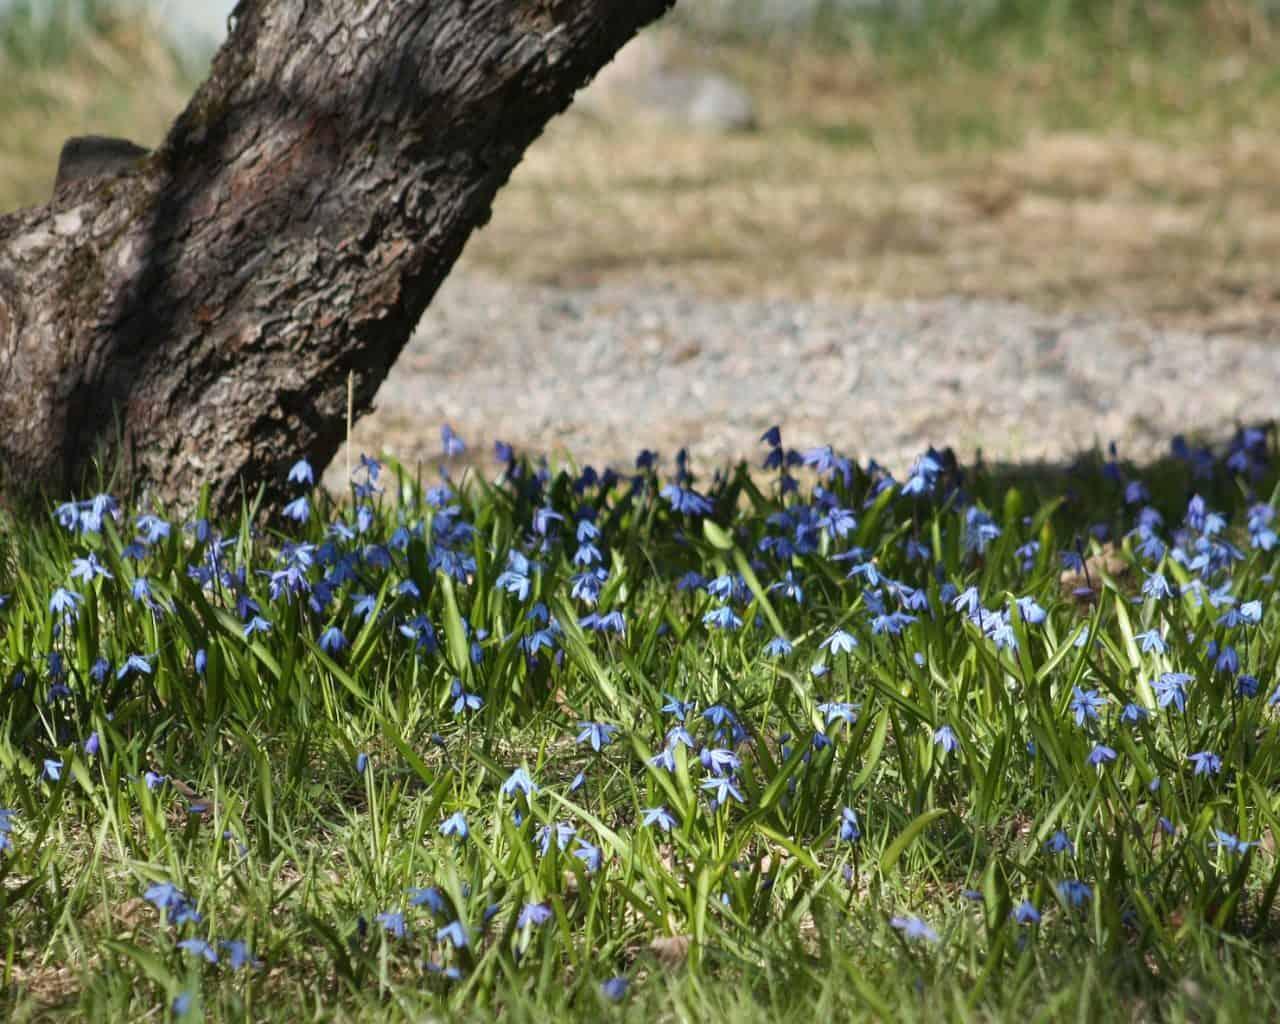 Kevätsipuleilla väriä kukkapenkkiin sekä puiden ja pensaiden juurelle